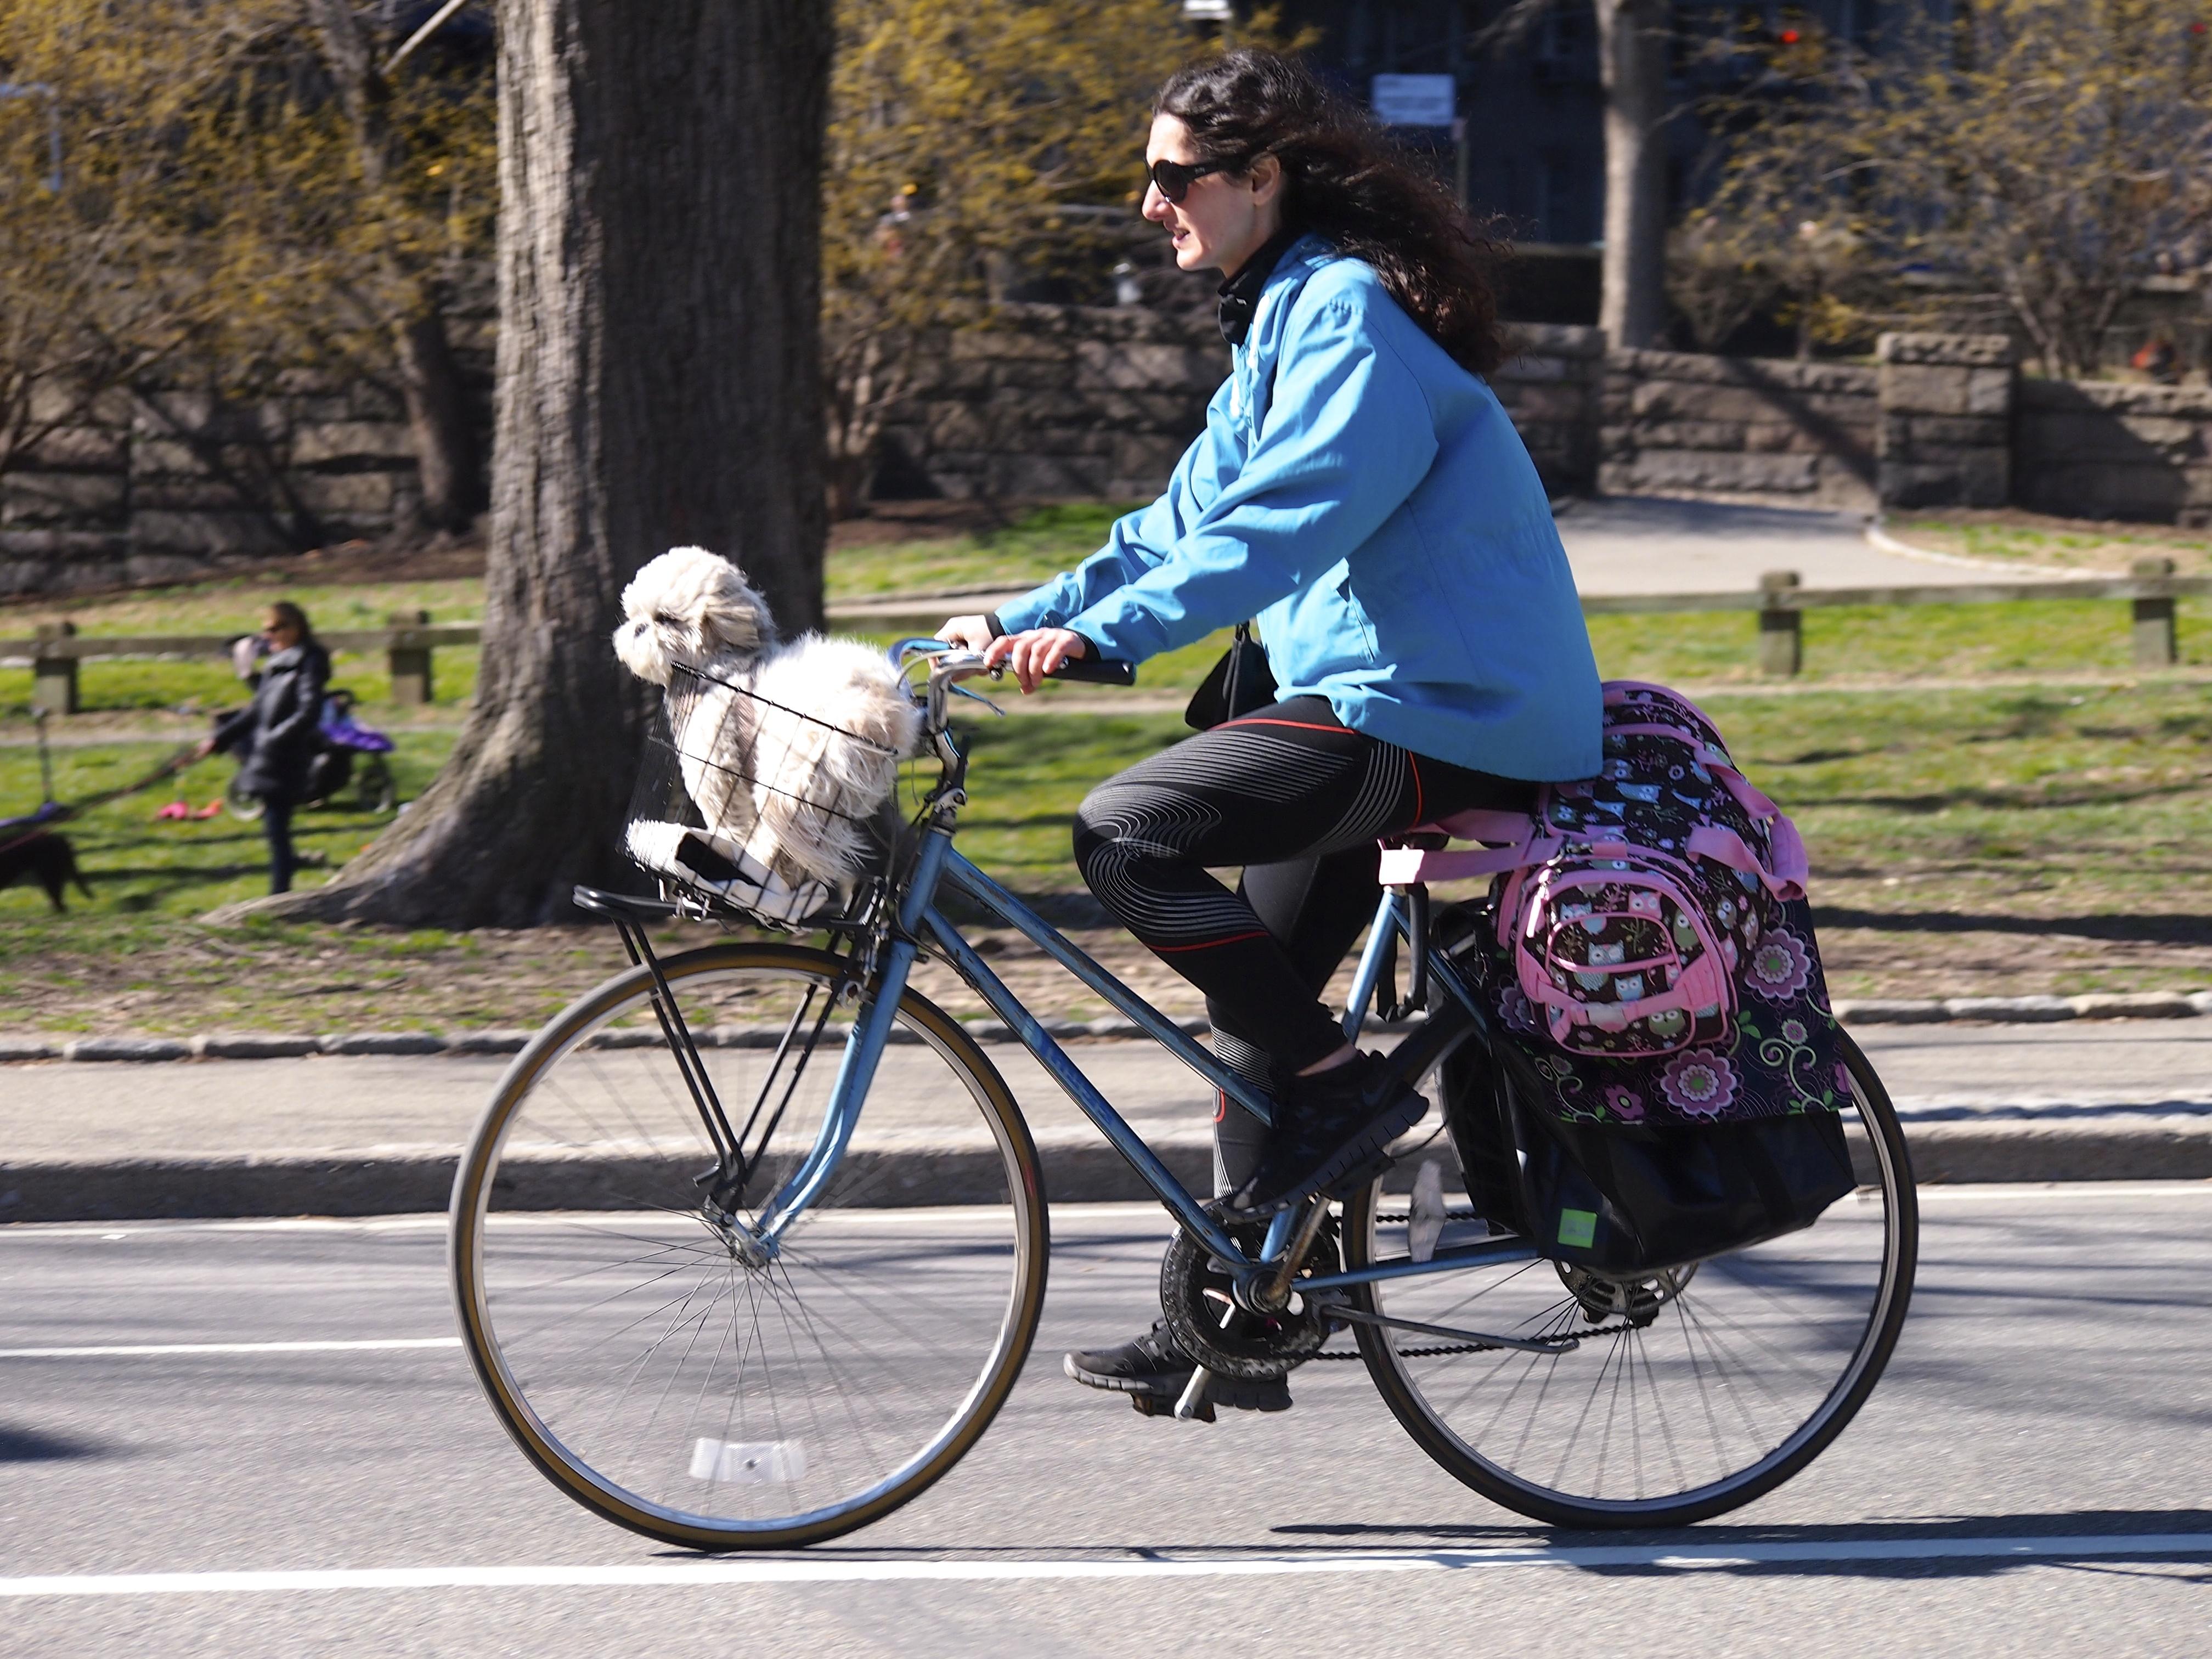 Passeios de bicicleta: melhor amigo sobre rodas